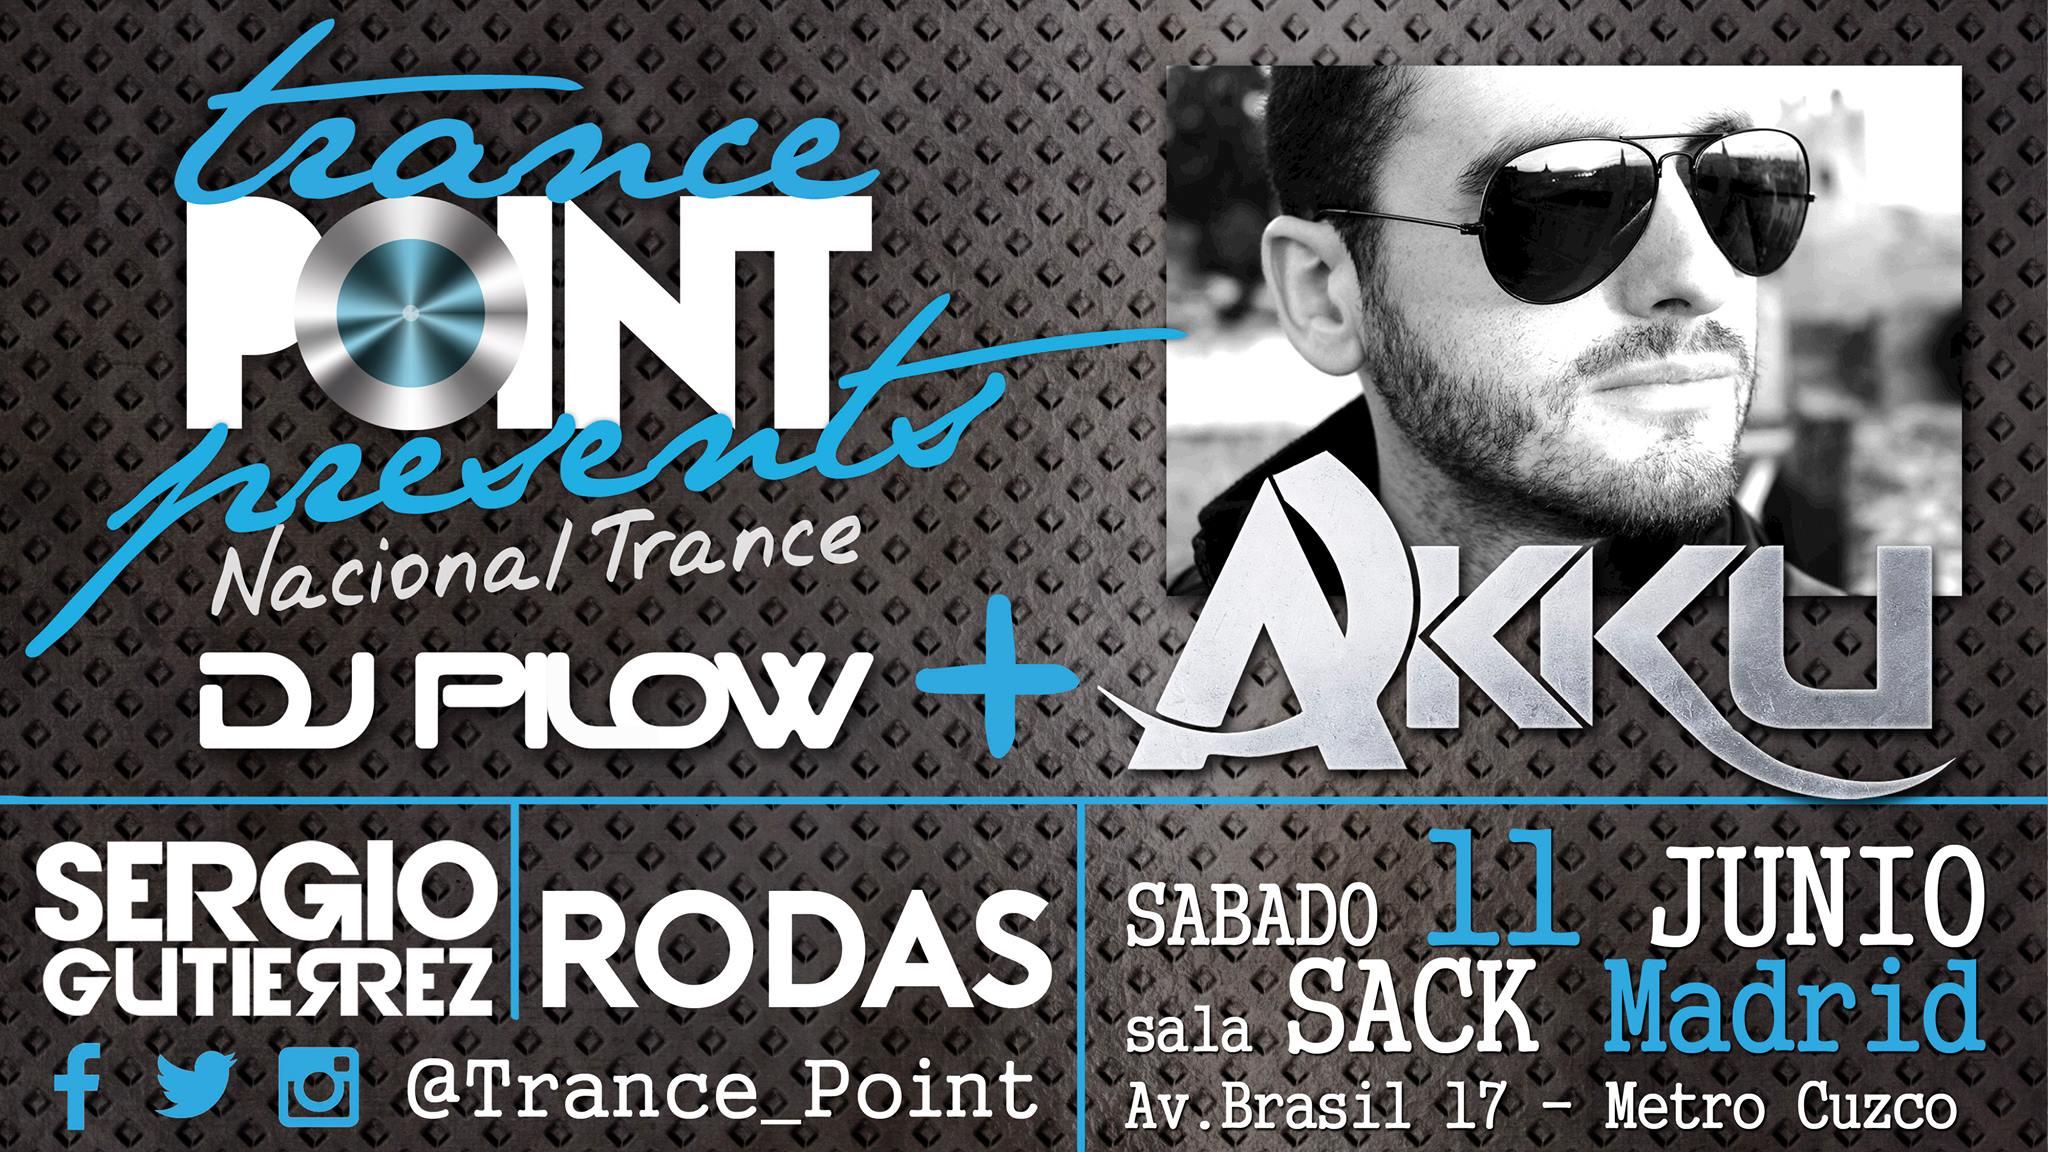 11 de junio: Sonido Trance Nacional en Trance Point con Akku y Dj Pilow